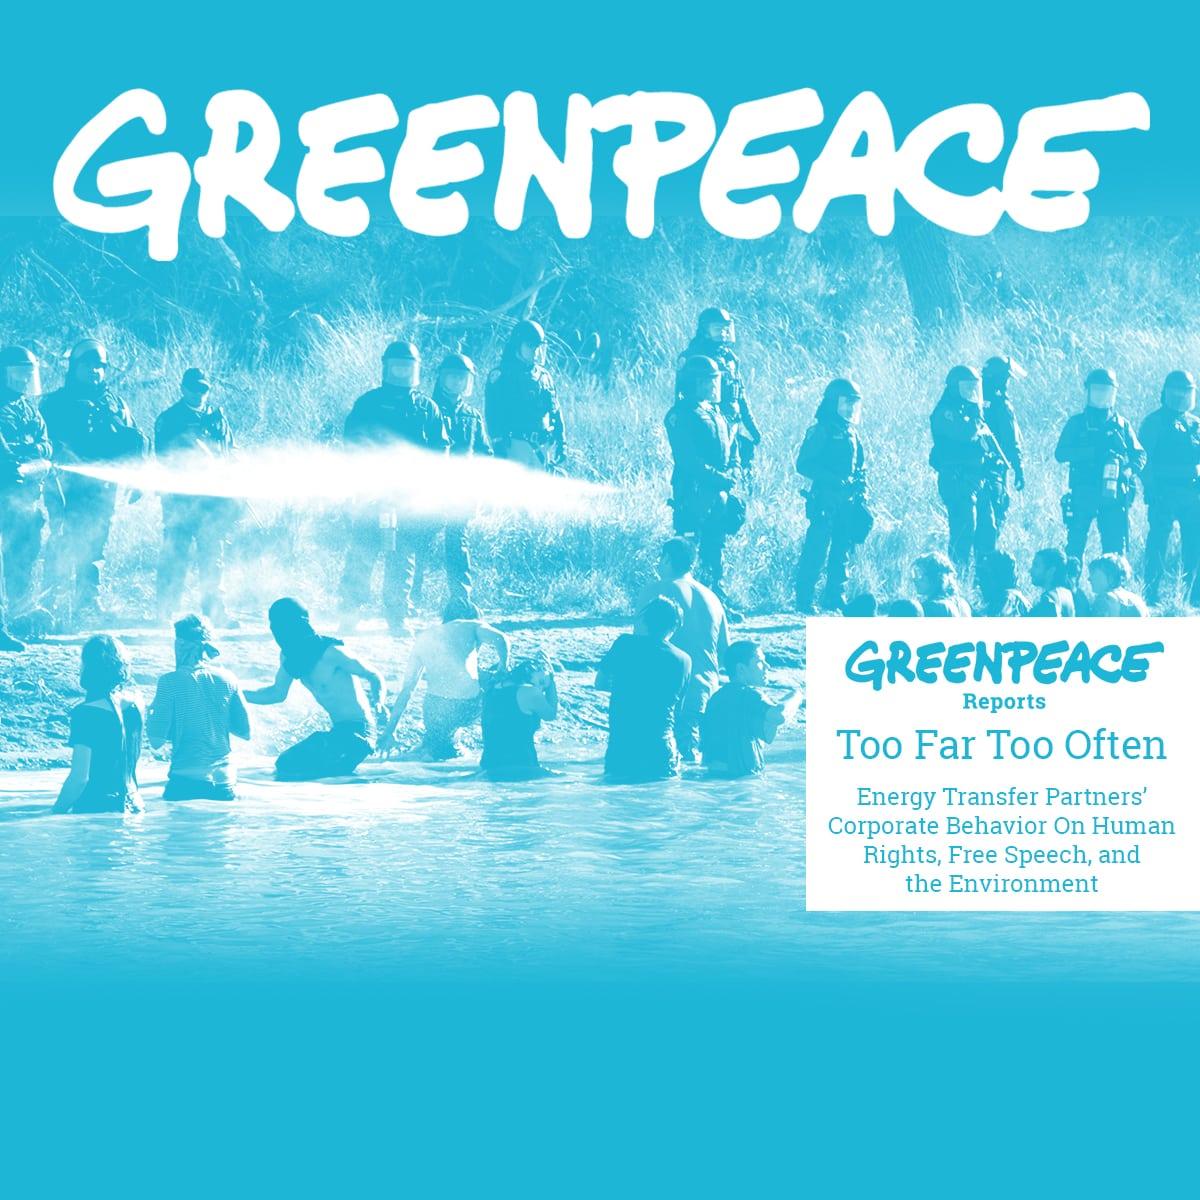 Greenpeace Report: Too Far Too Often - Greenpeace USA